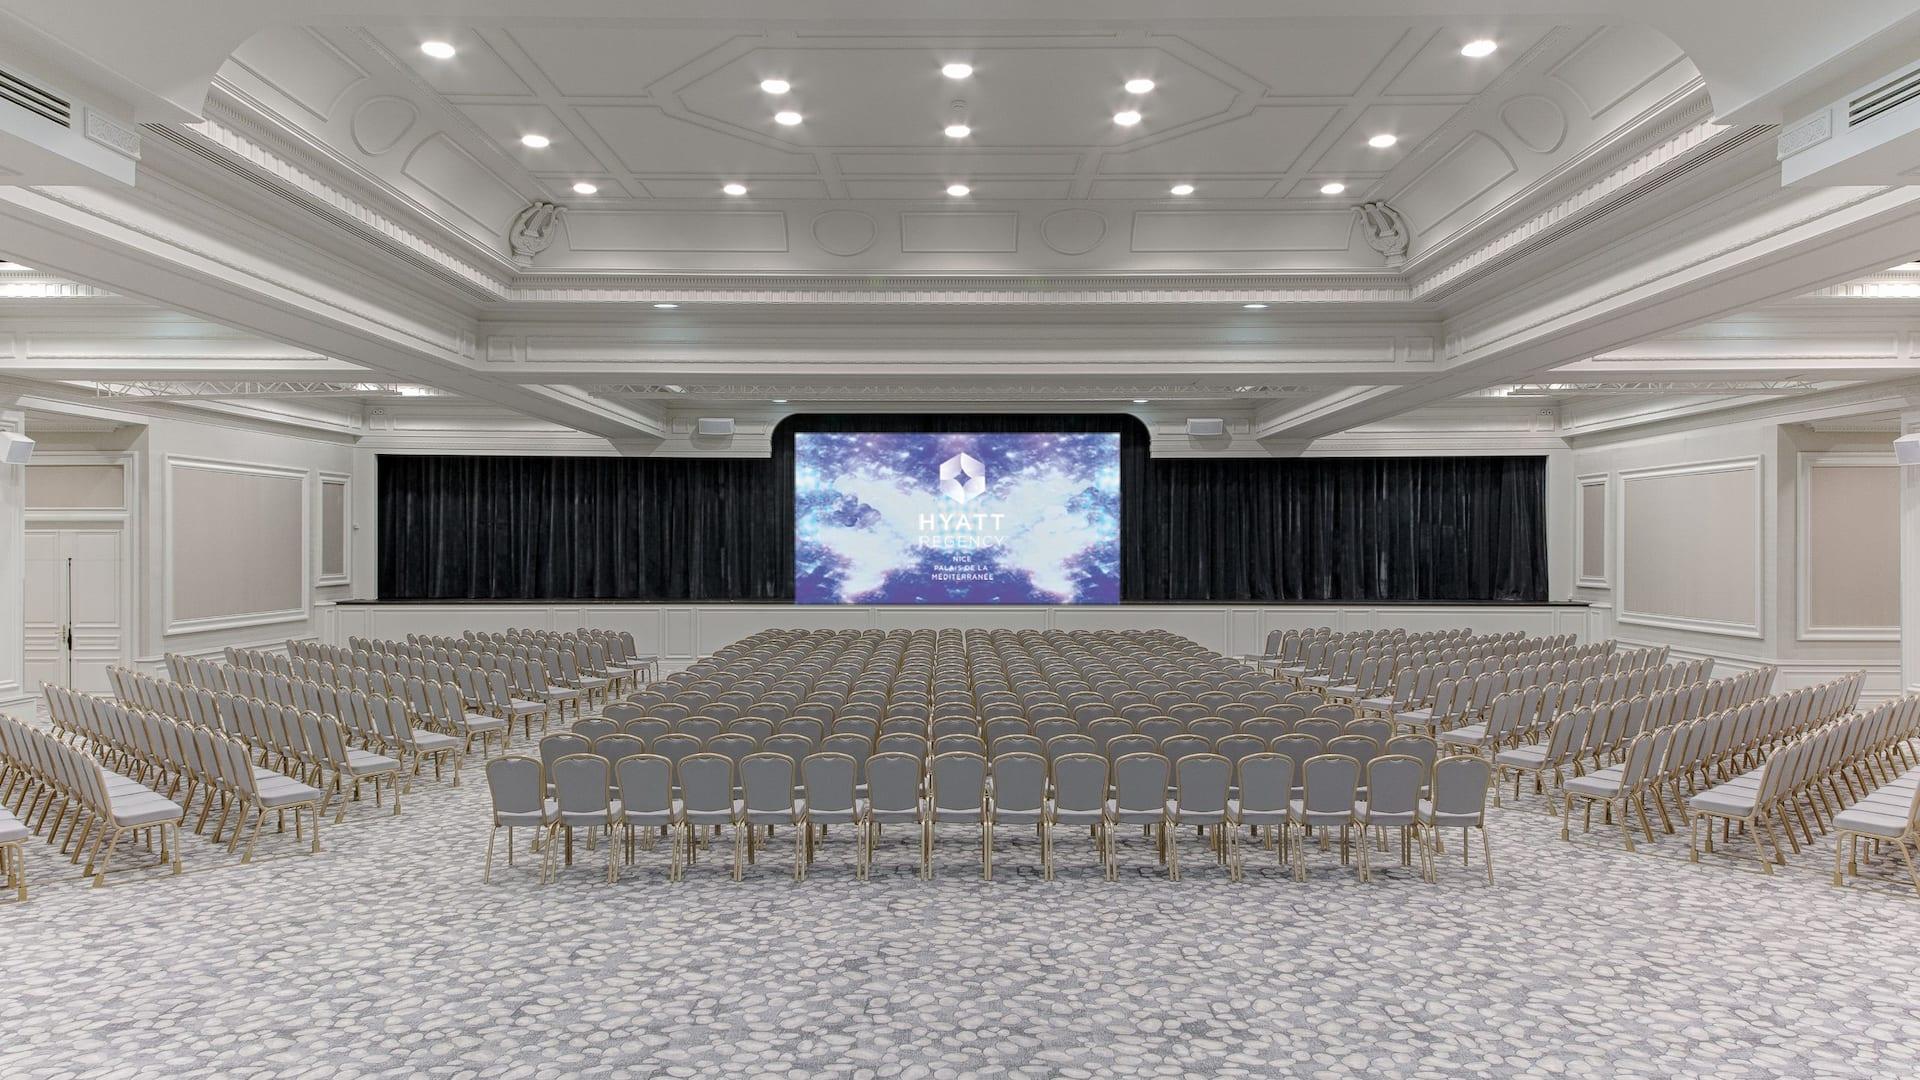 Salon Azur – Mise en place classe - Événements à l'Hôtel Hyatt Regency Nice Palais De La Méditerranée